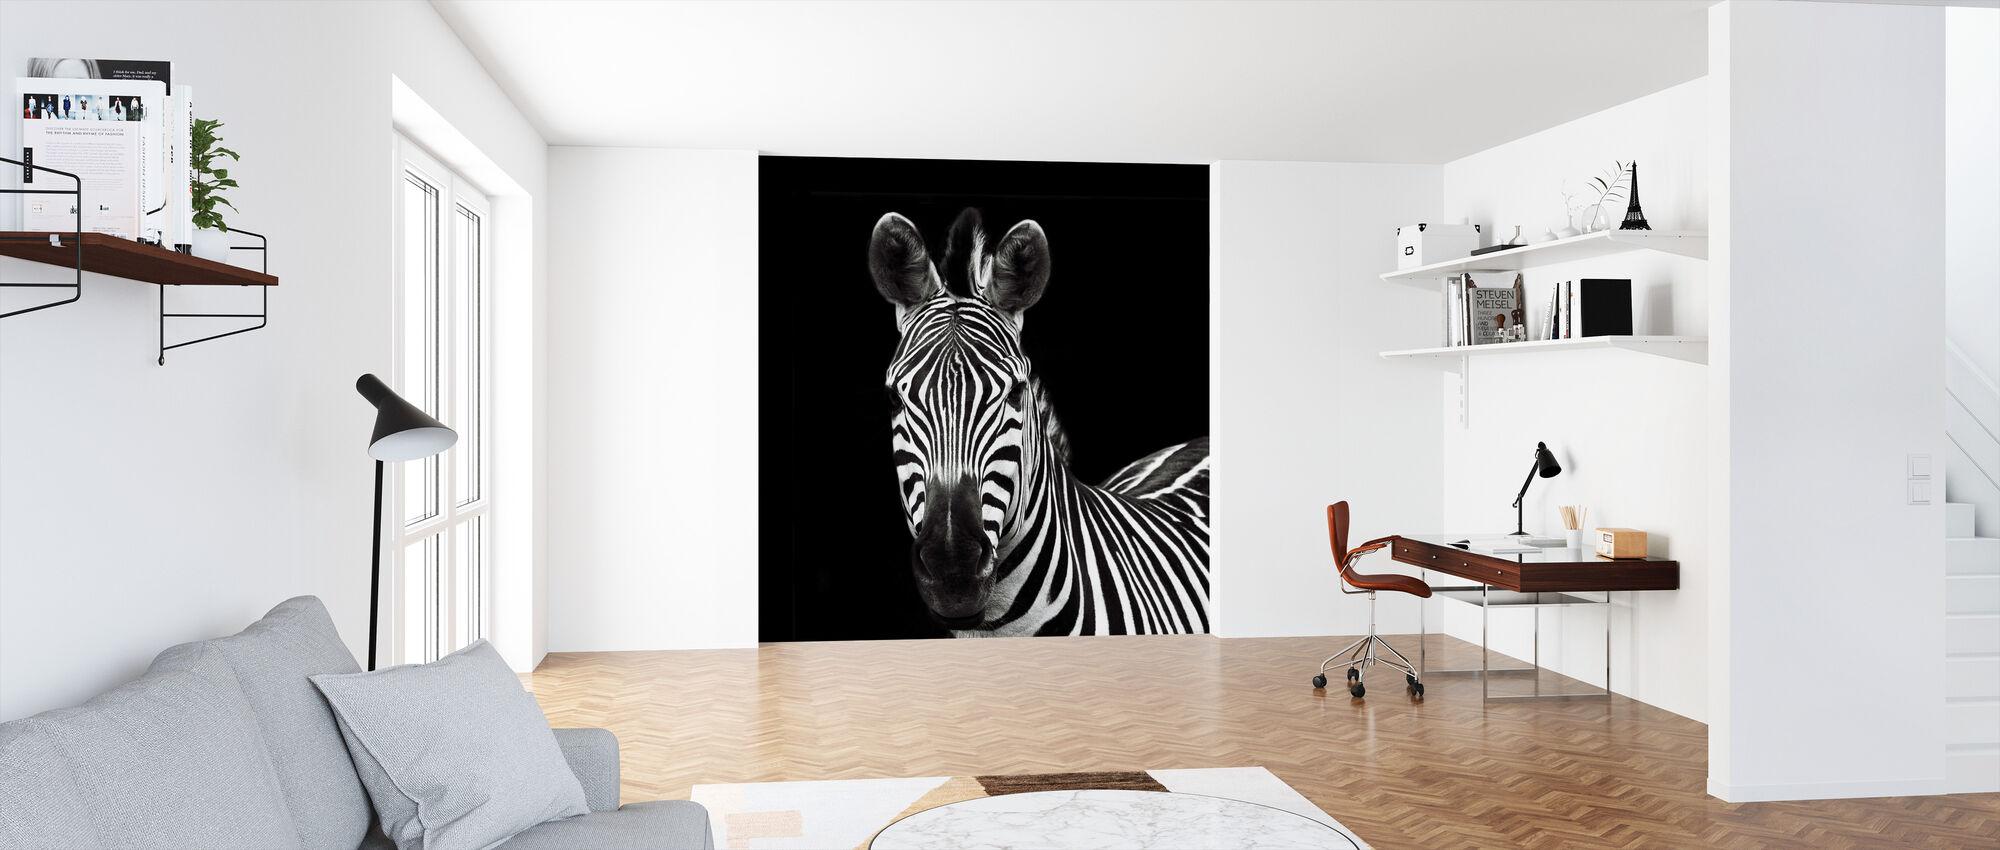 Zebra II-plein - Behang - Kantoor